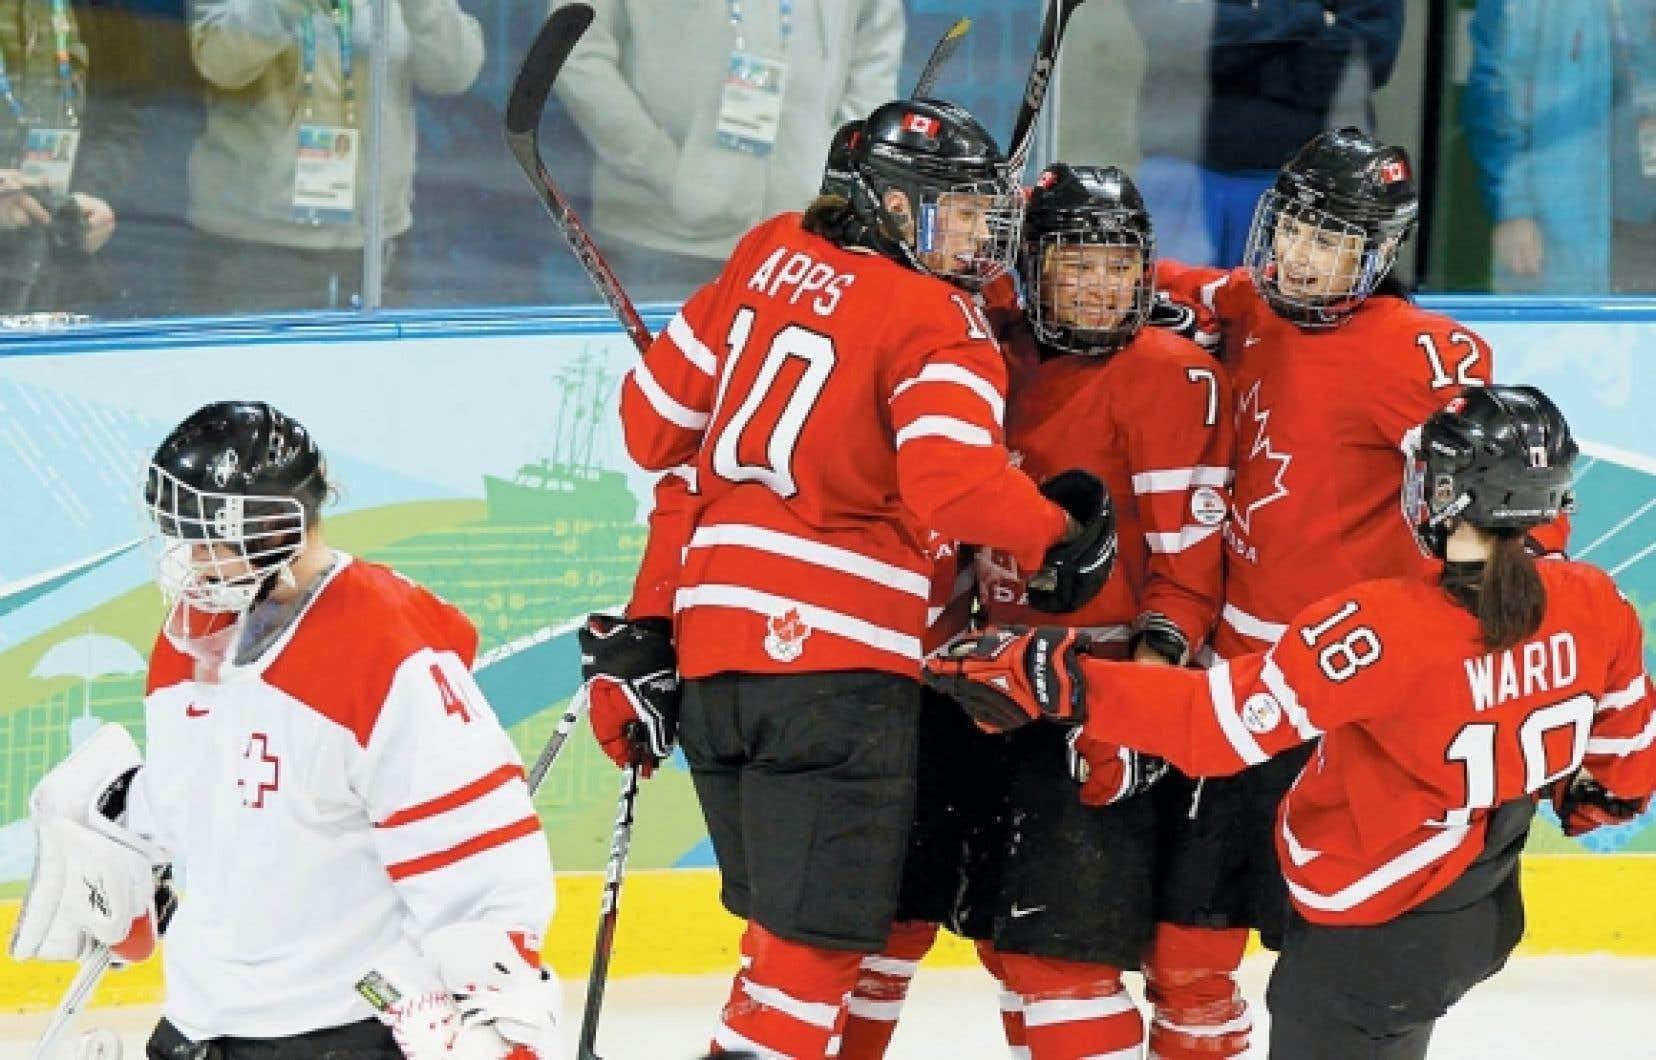 Les Canadiennes ont déjà marqué un total de 28 buts en deux parties depuis le début du tournoi olympique.